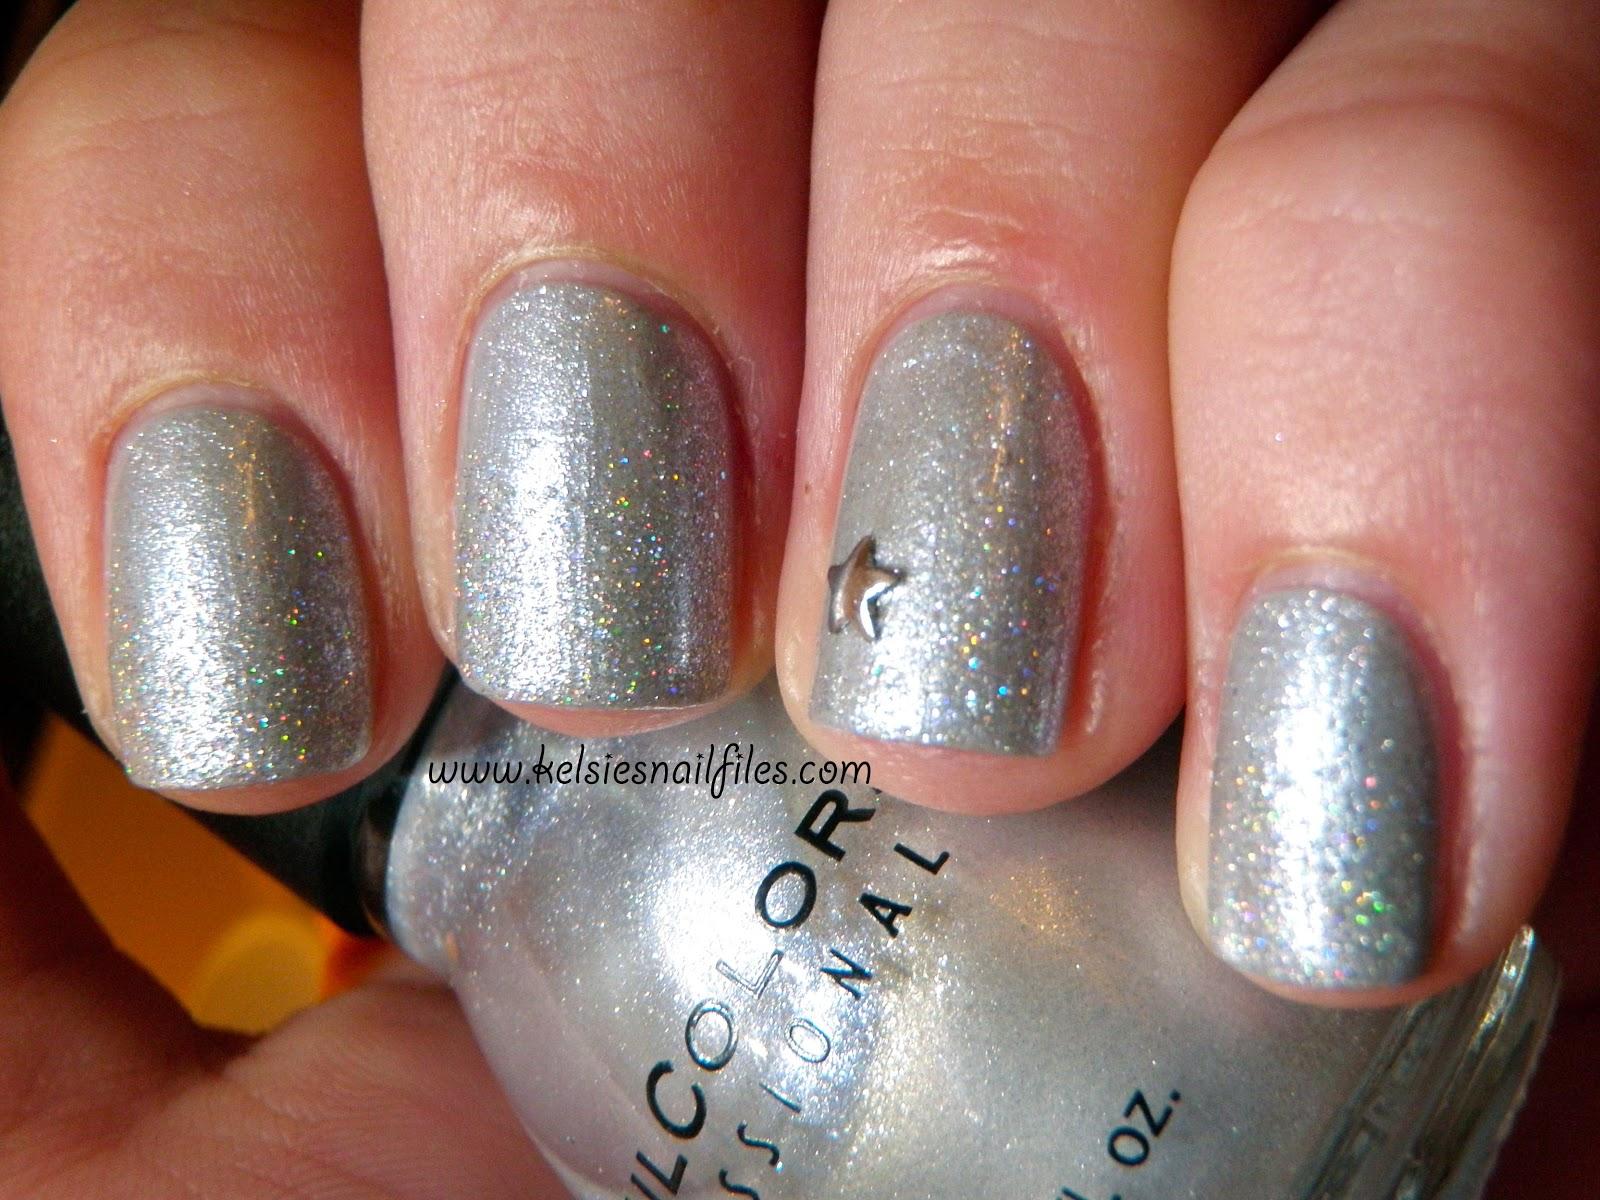 kelsie\'s nail files: Twinkle Twinkle Little Star